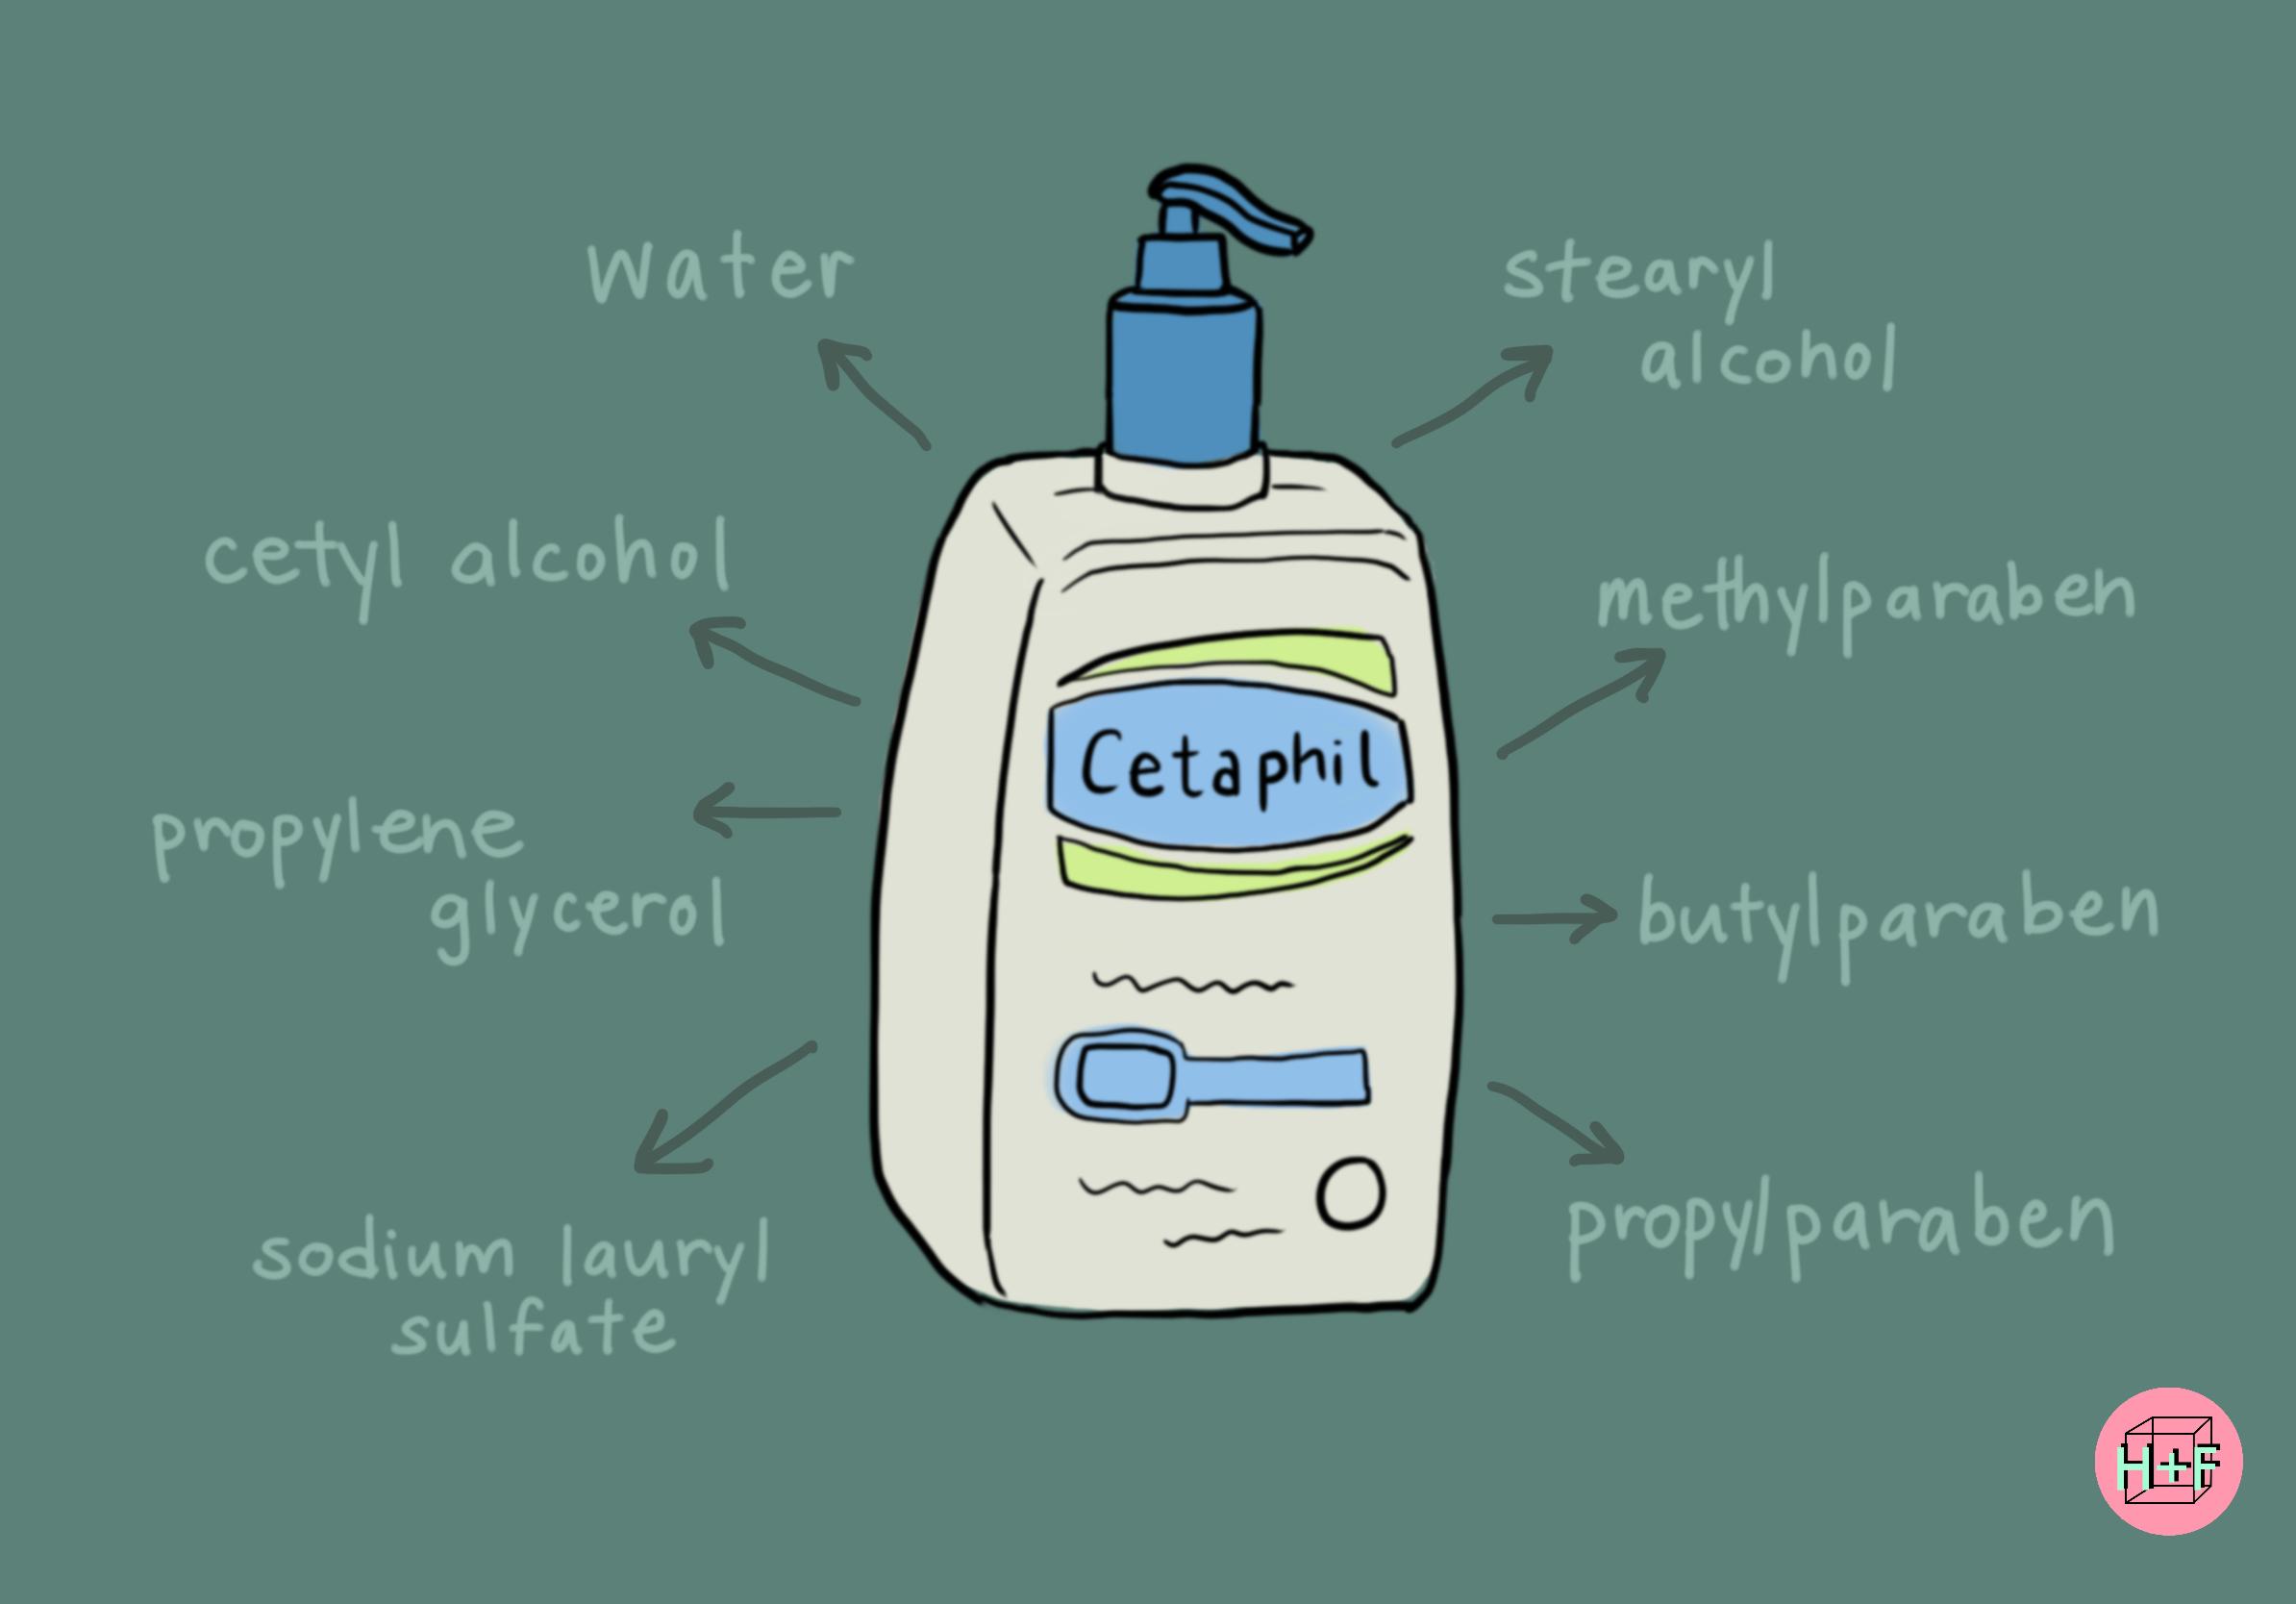 Cetaphil_